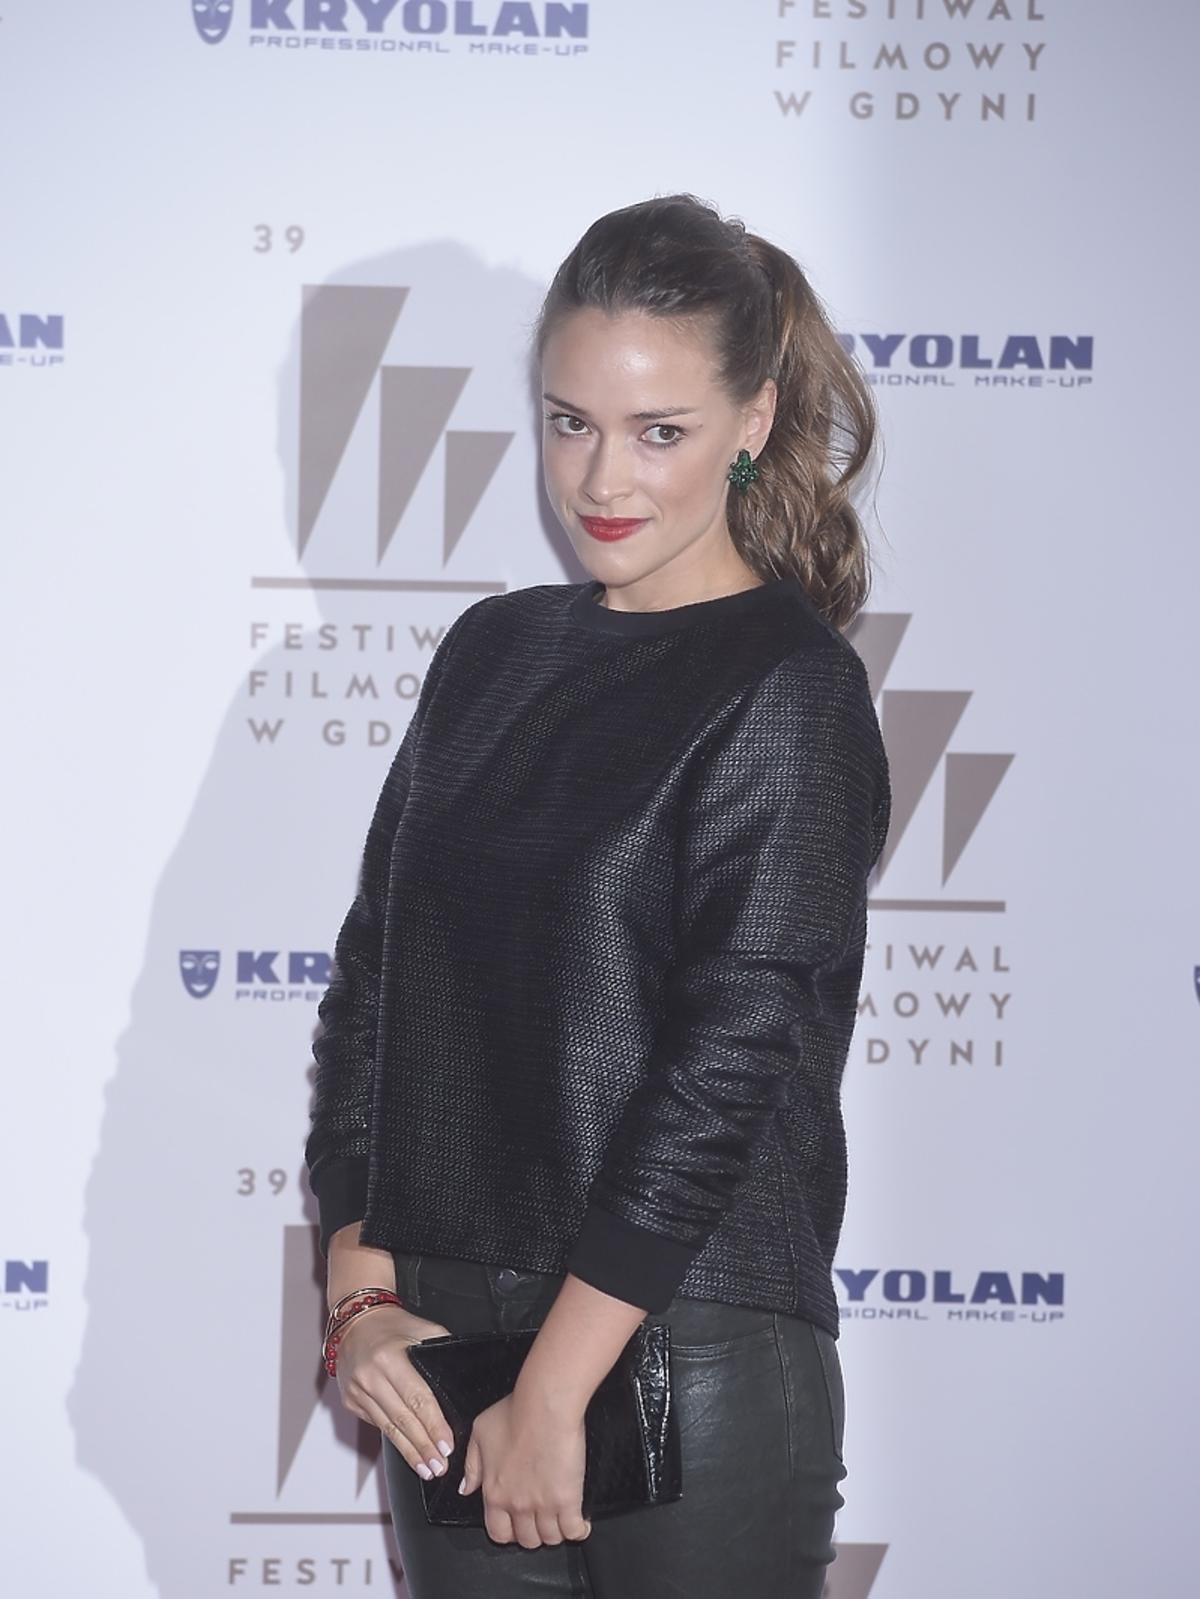 Alicja Bachleda-Curuś na gali wręczenia nagród 39. Festiwalu Filmowego w Gdyni